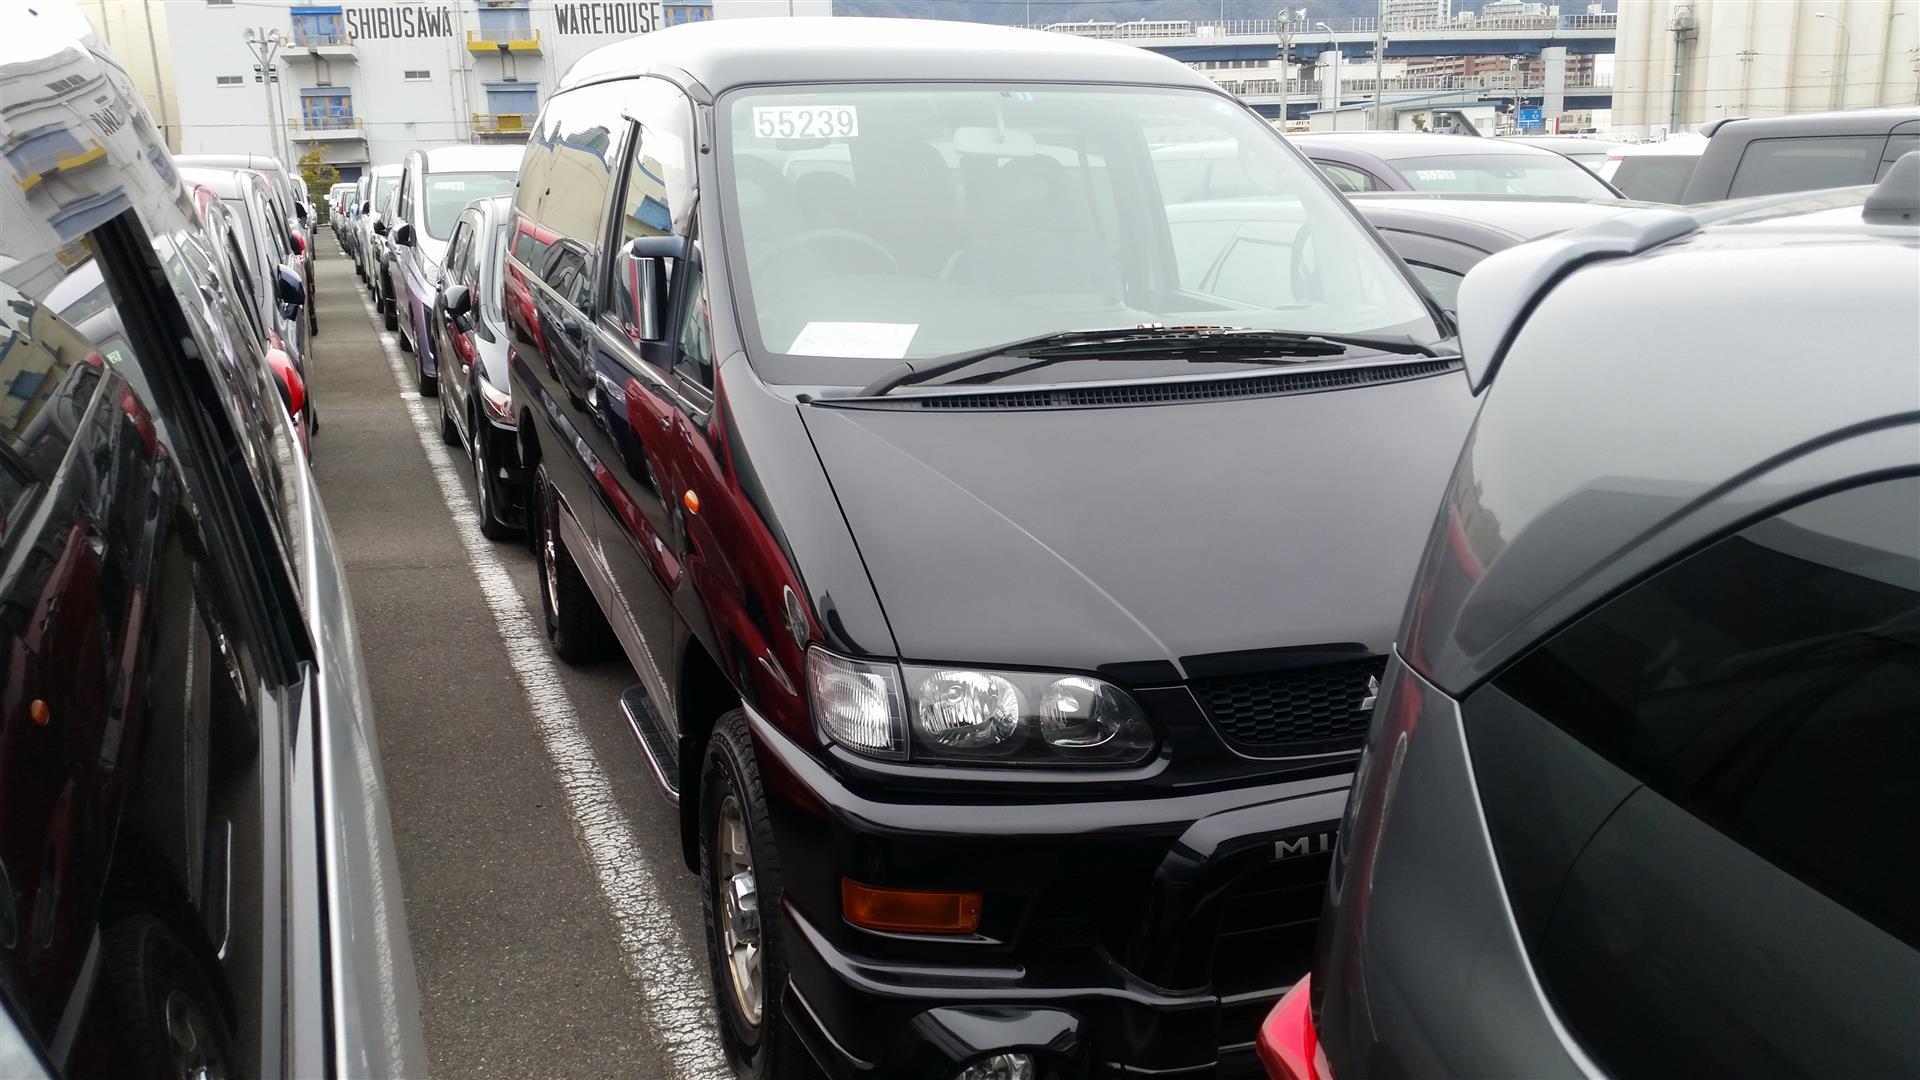 2003 Mitsubishi Delica PD6W Chamonix 7-seater 1